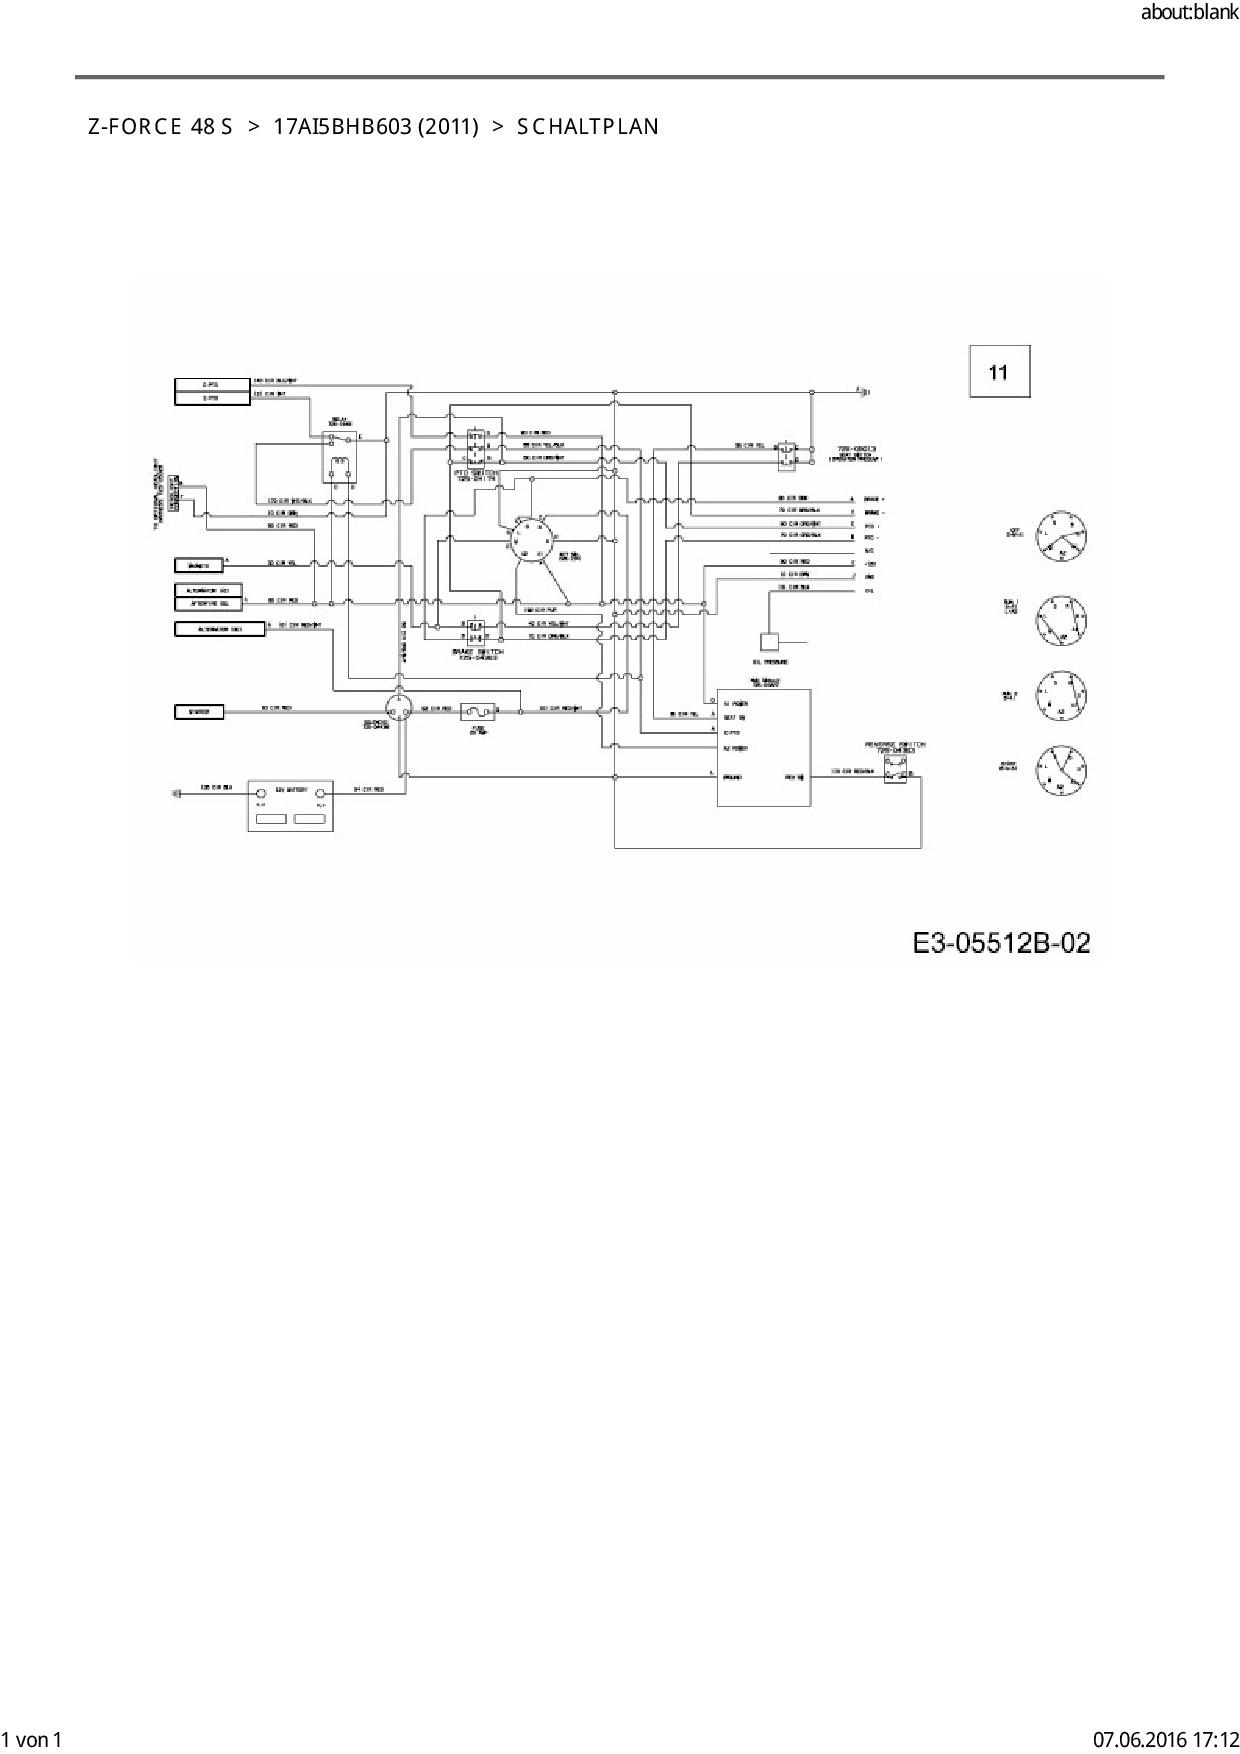 Erfreut Kabelbaum Diagramme Bilder - Elektrische Schaltplan-Ideen ...